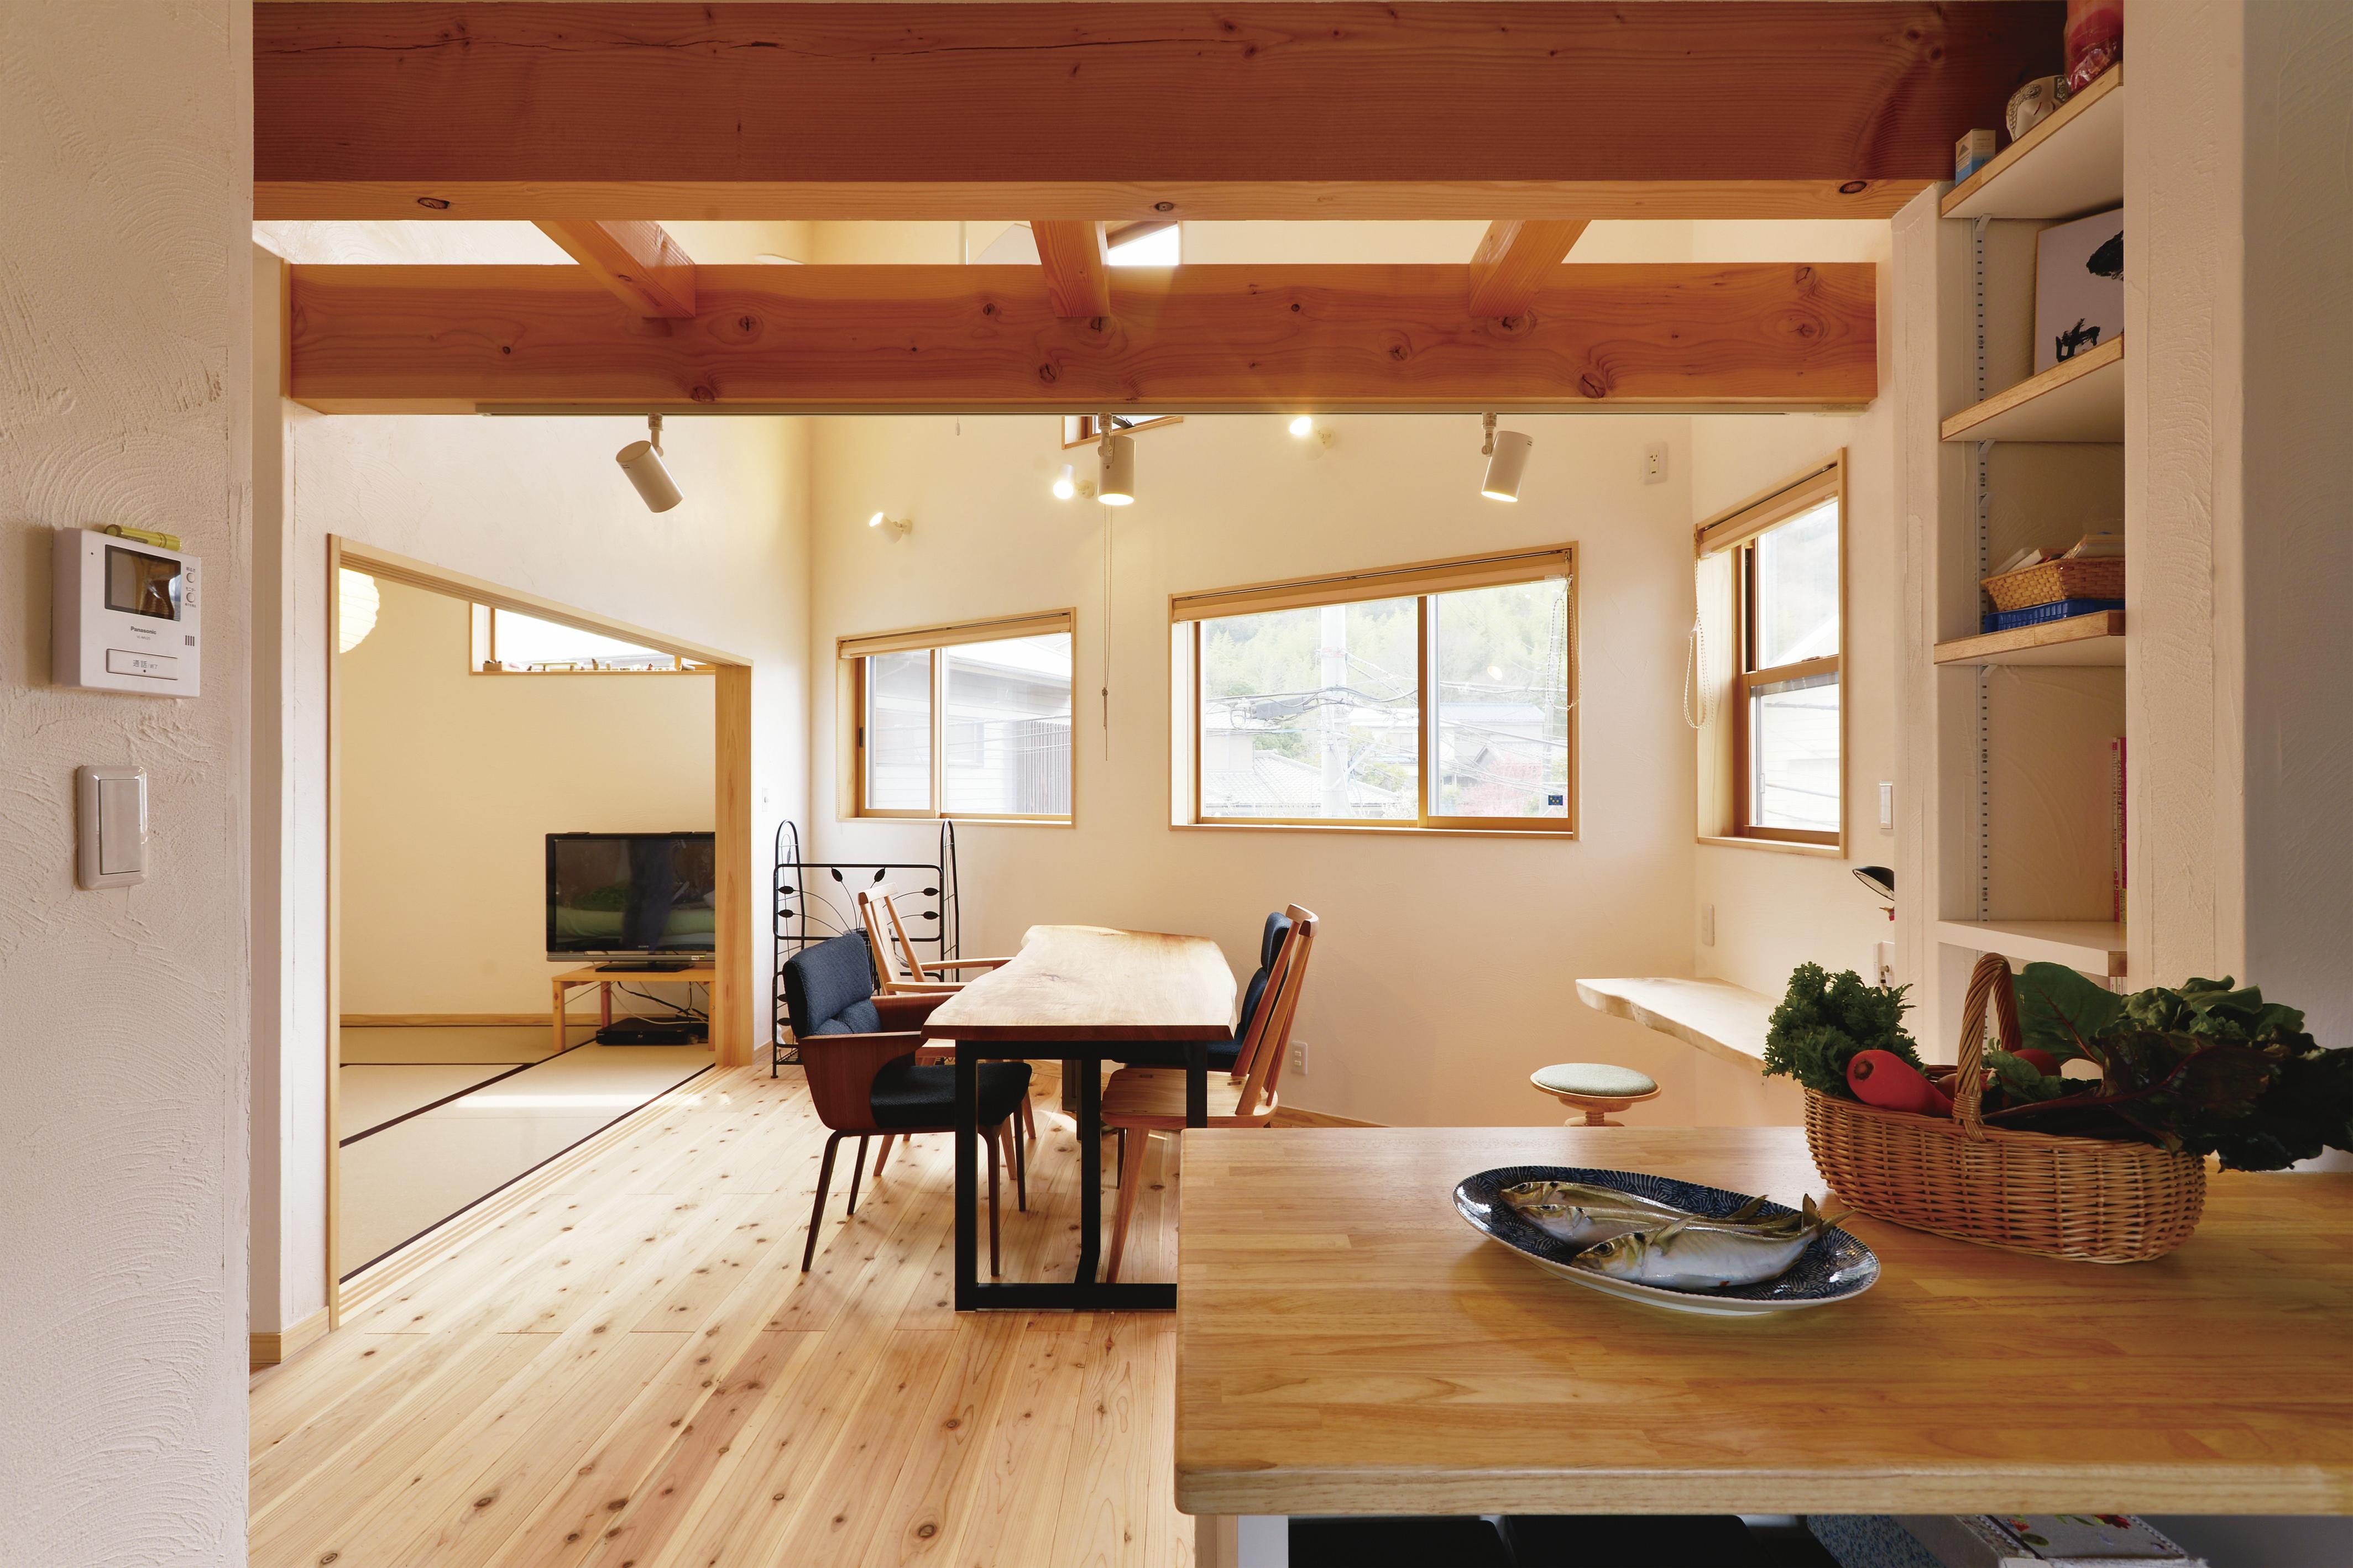 居室は東南を基準に考えましょう 実例